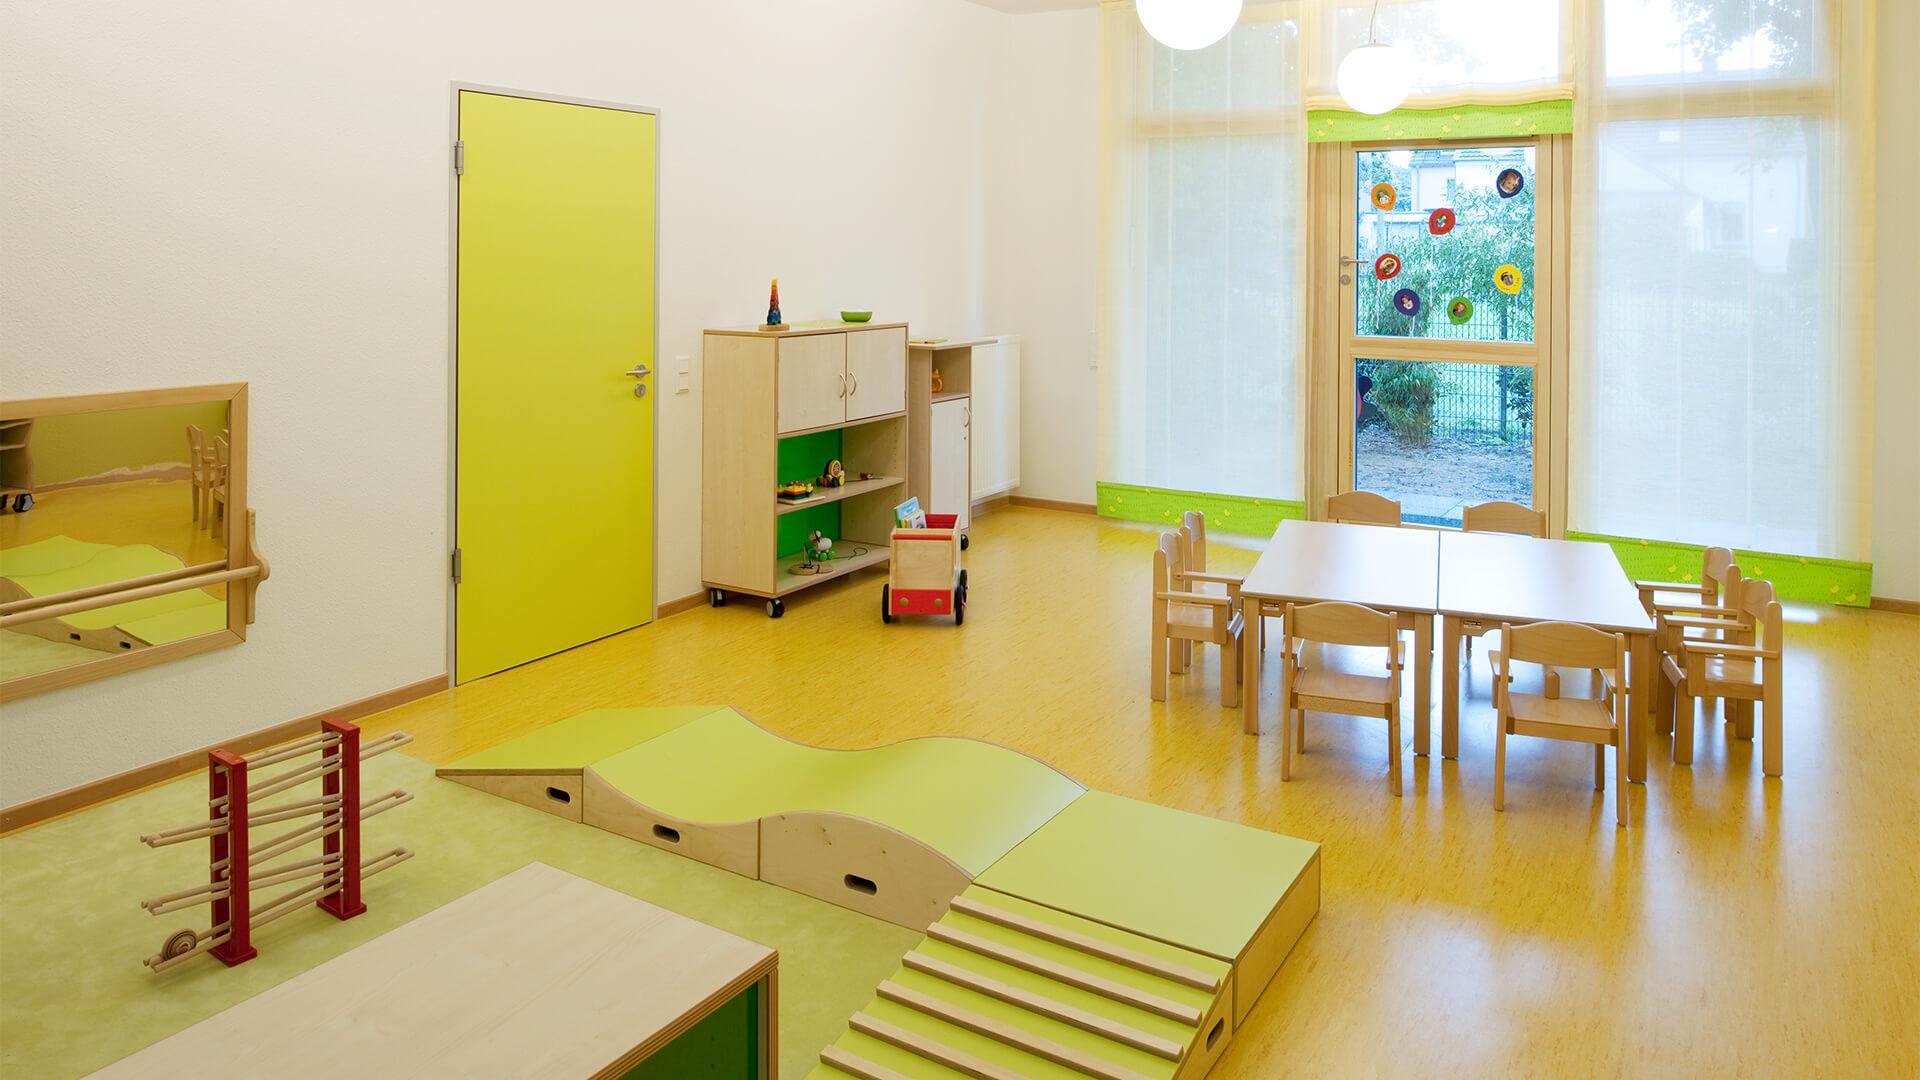 Gruppenraum der Kindertagesstätte in Neuss mit Tischen und Spielecke auf grünem Teppich